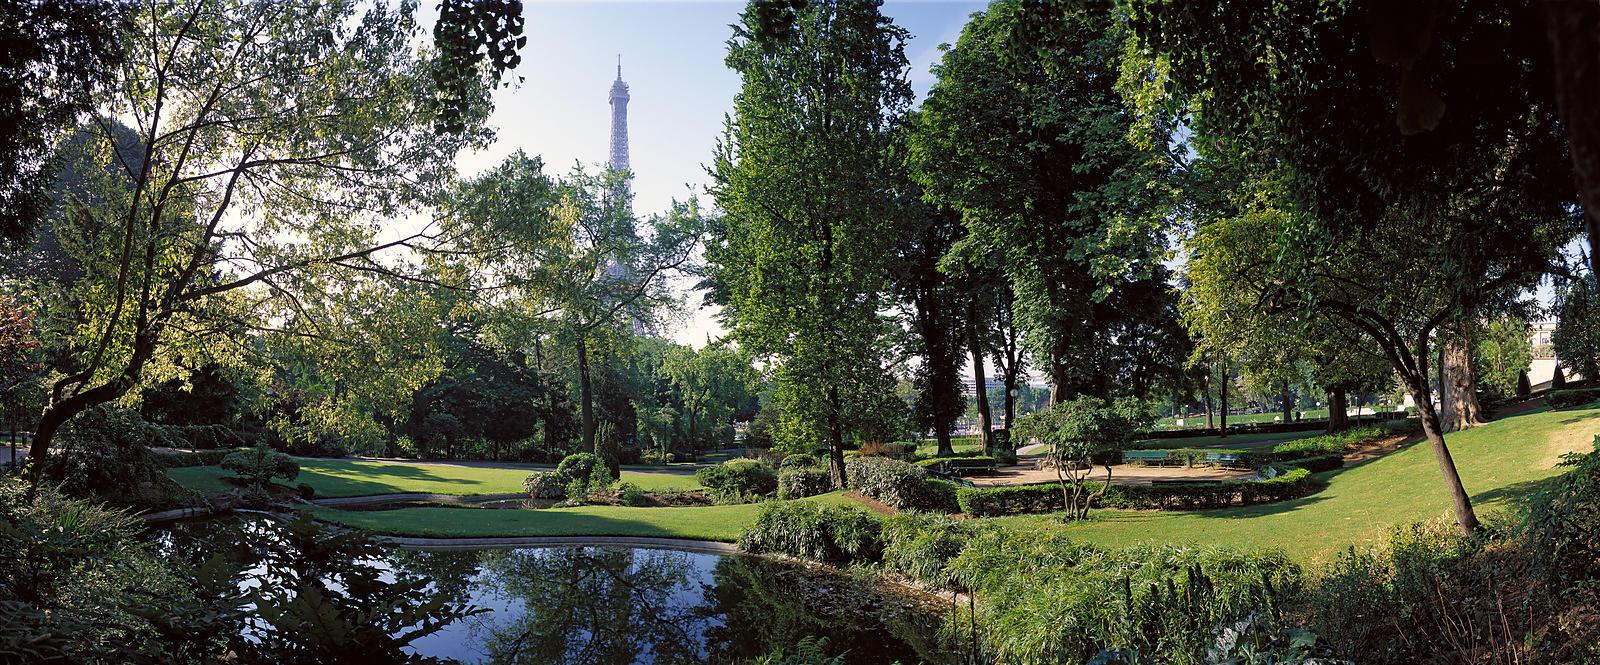 Phototh que arnaud frich la tour eiffel depuis le jardin for Aquarium de paris jardin du trocadero